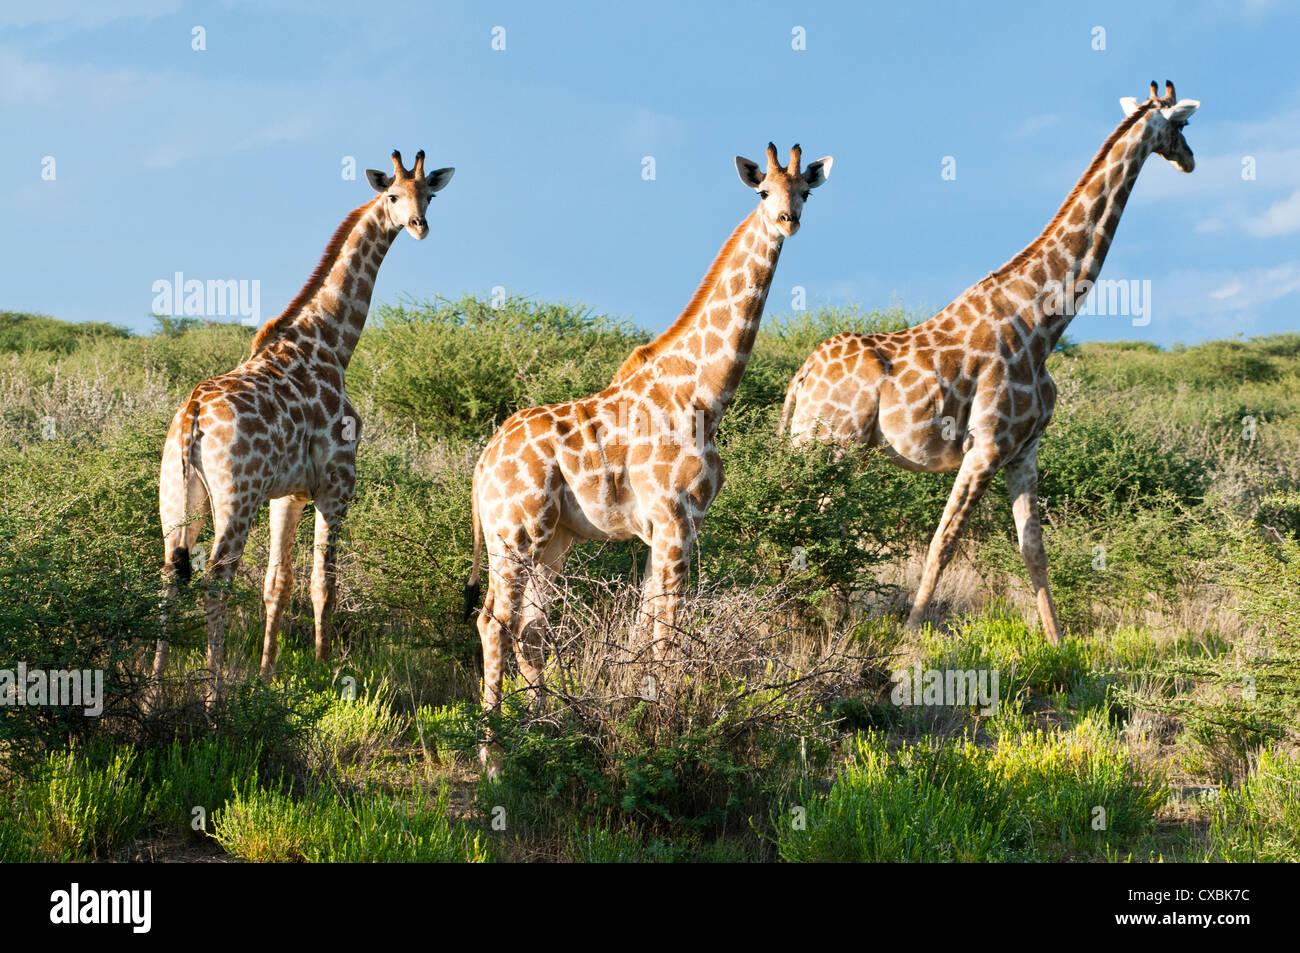 Jirafa (Giraffa camelopardalis), Namibia, África Imagen De Stock